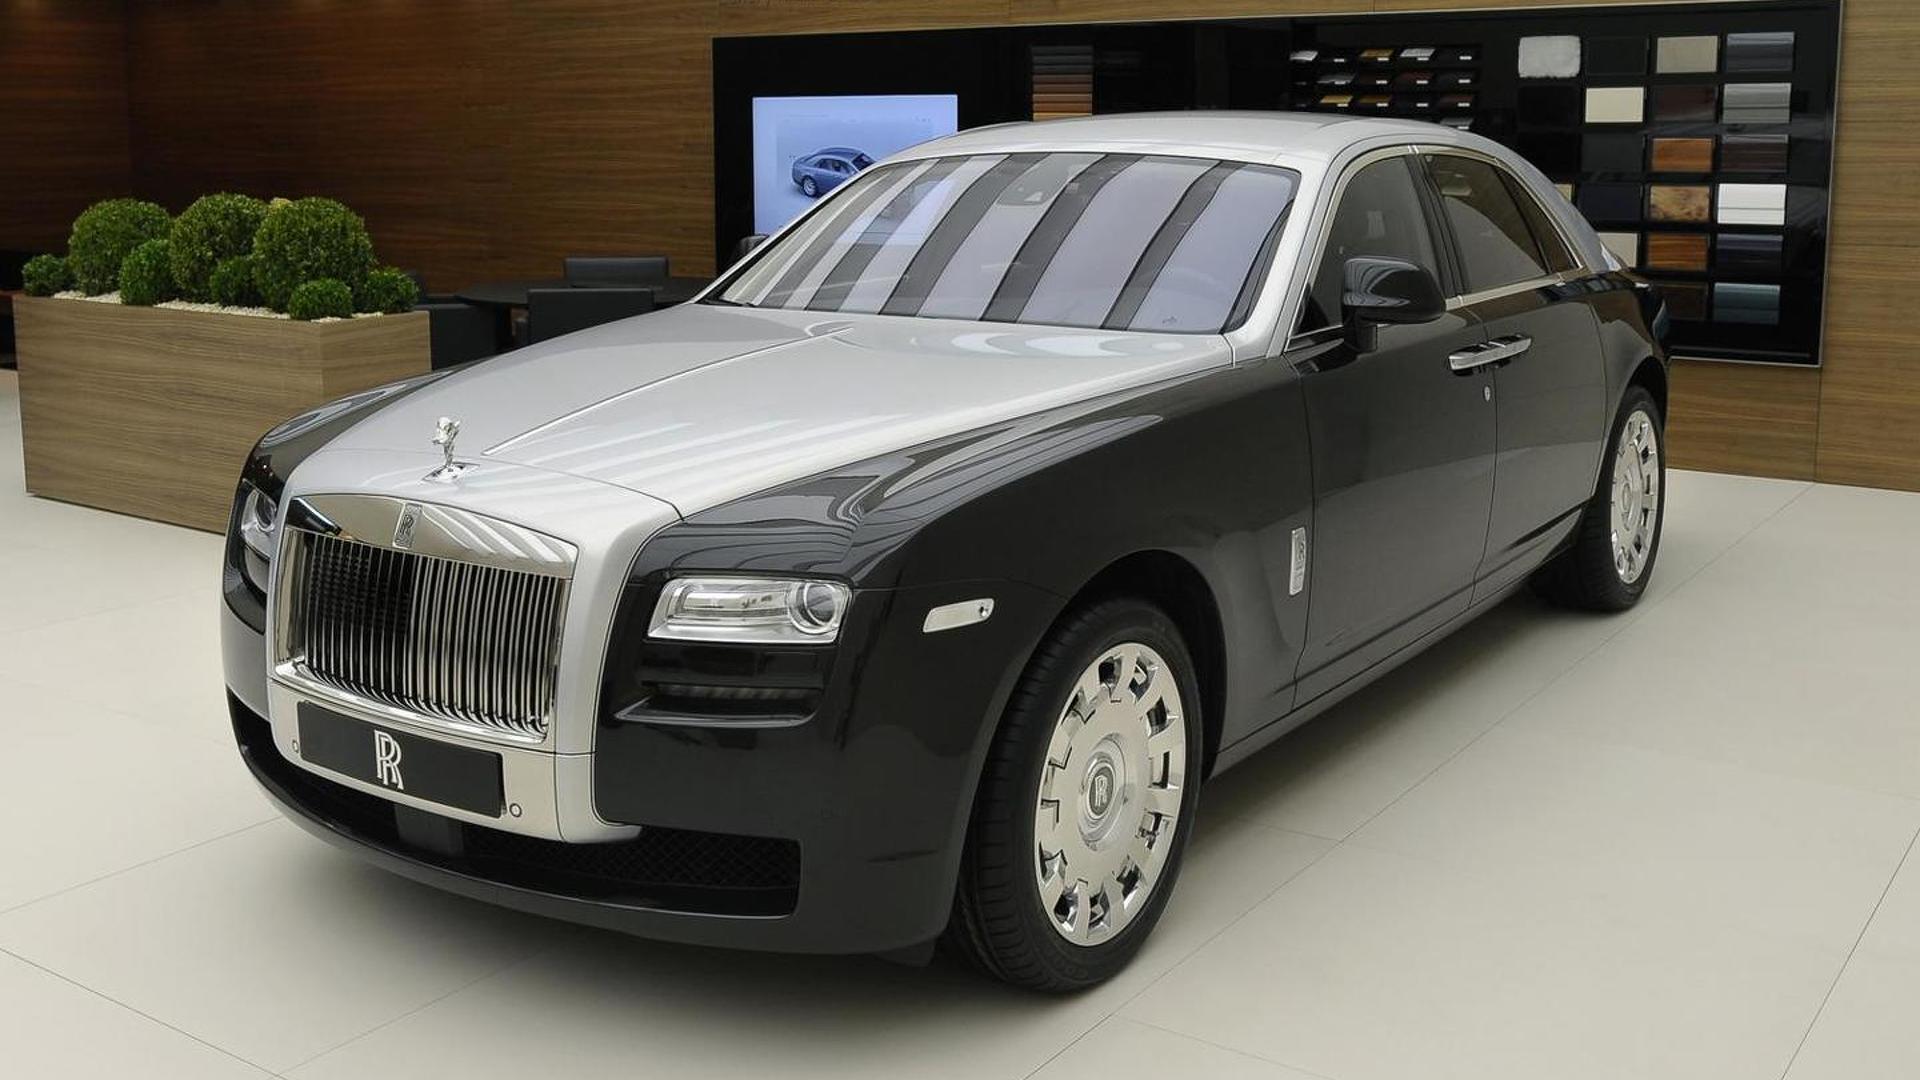 Two-tone Rolls Royce Ghost hides in Geneva